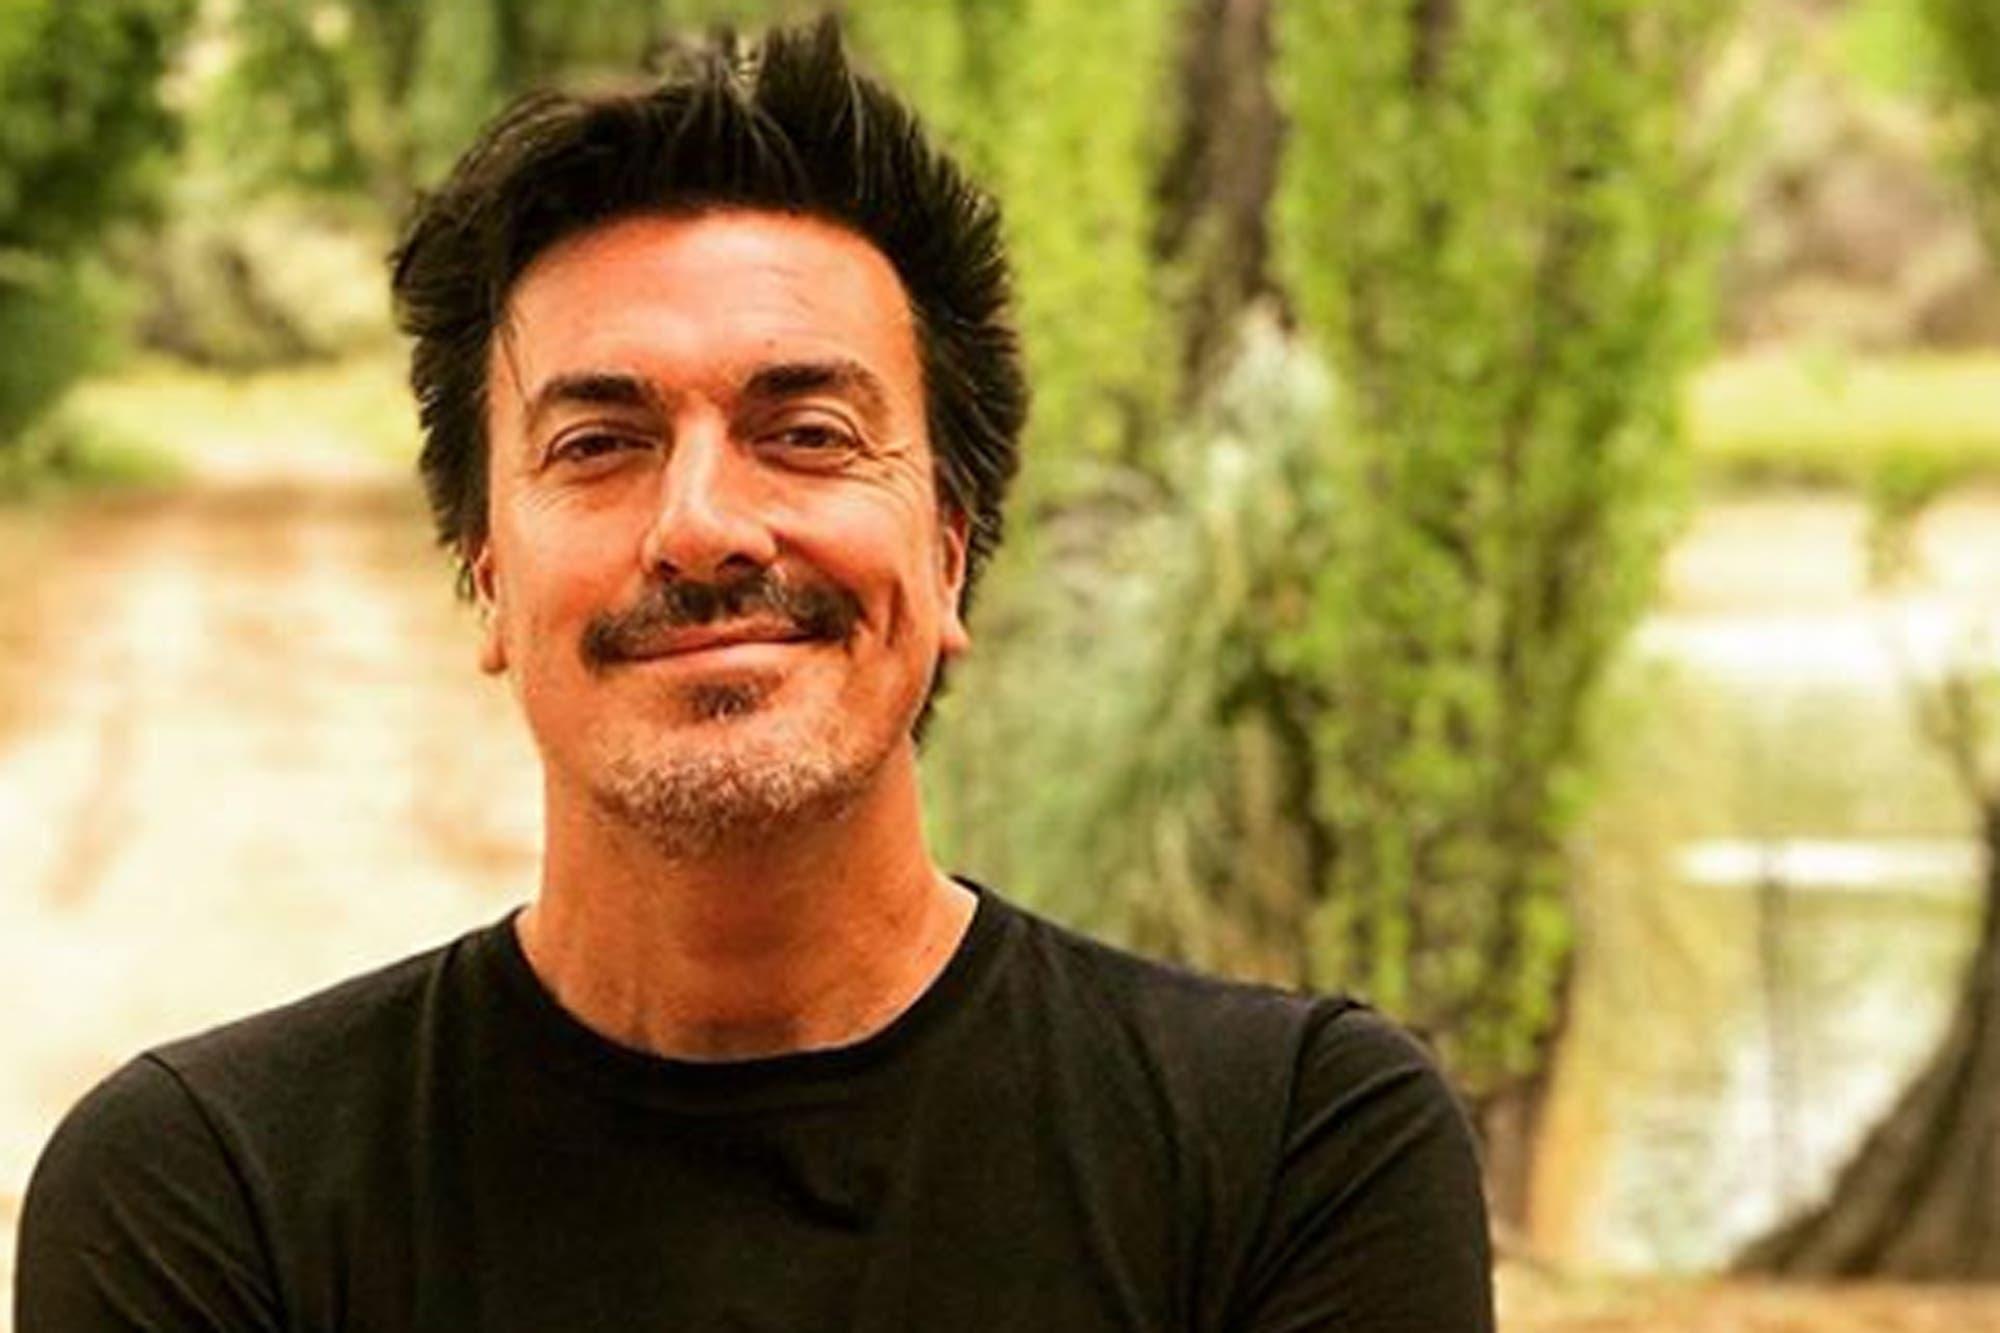 Tras la acusación anónima que lo dejó fuera de Gente Sexy, Joe Fernández vuelve a la radio